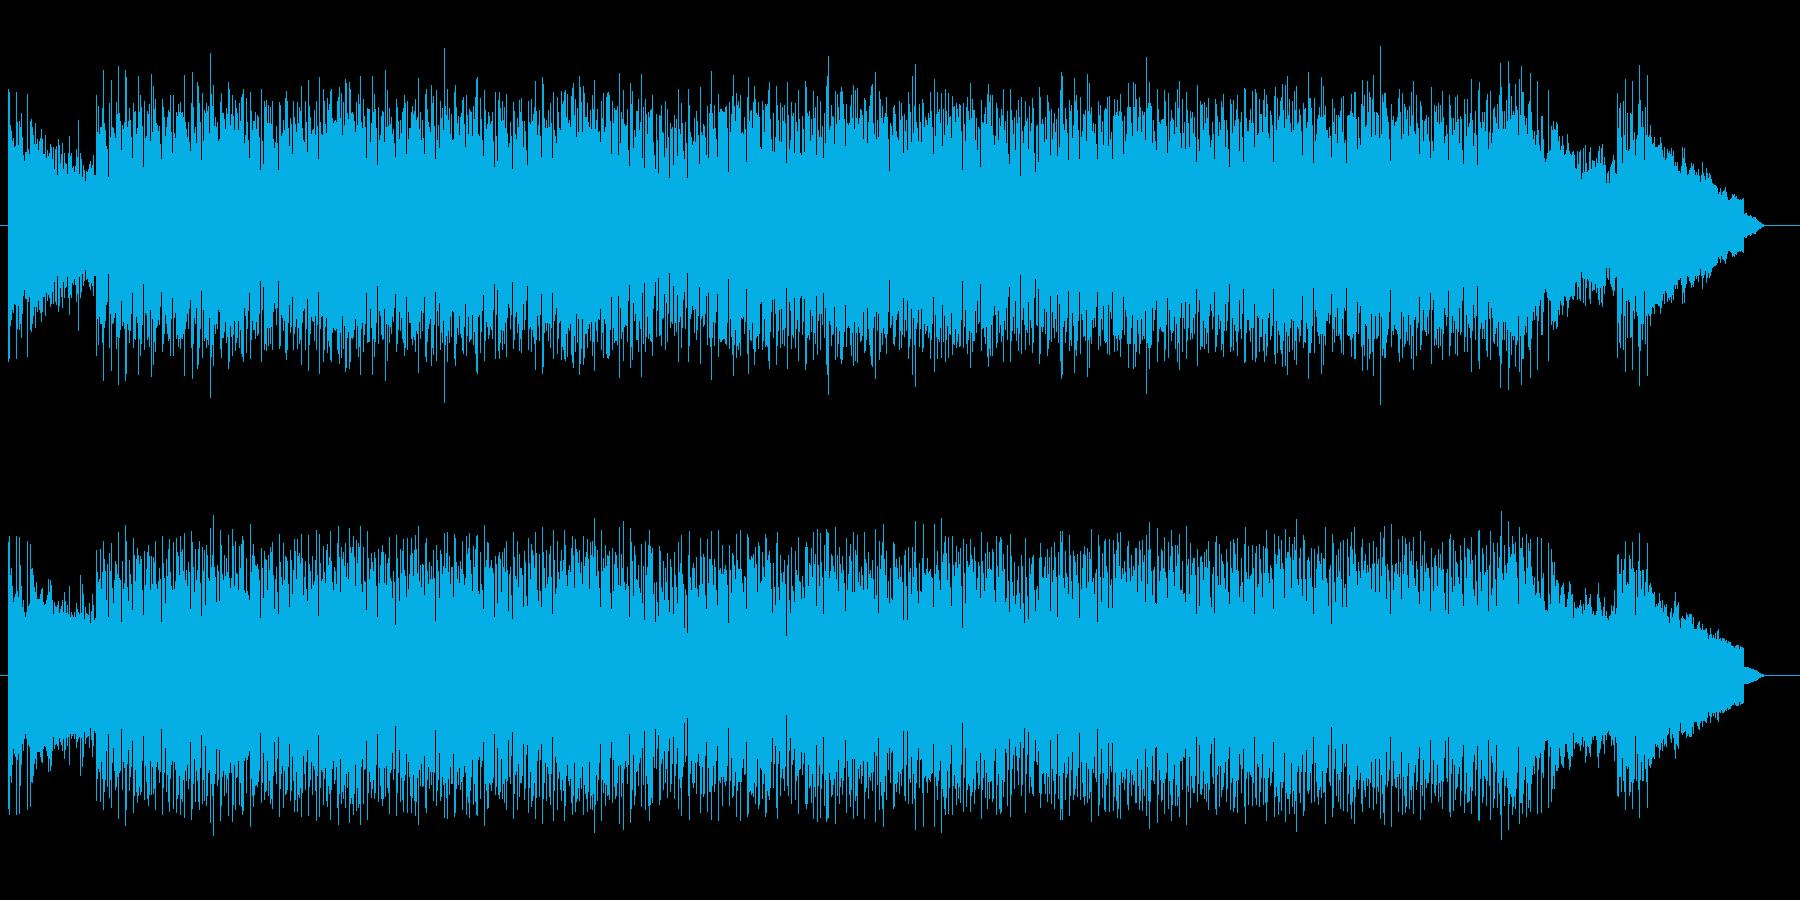 疾走感あるリズミカルで軽快なポップスの再生済みの波形